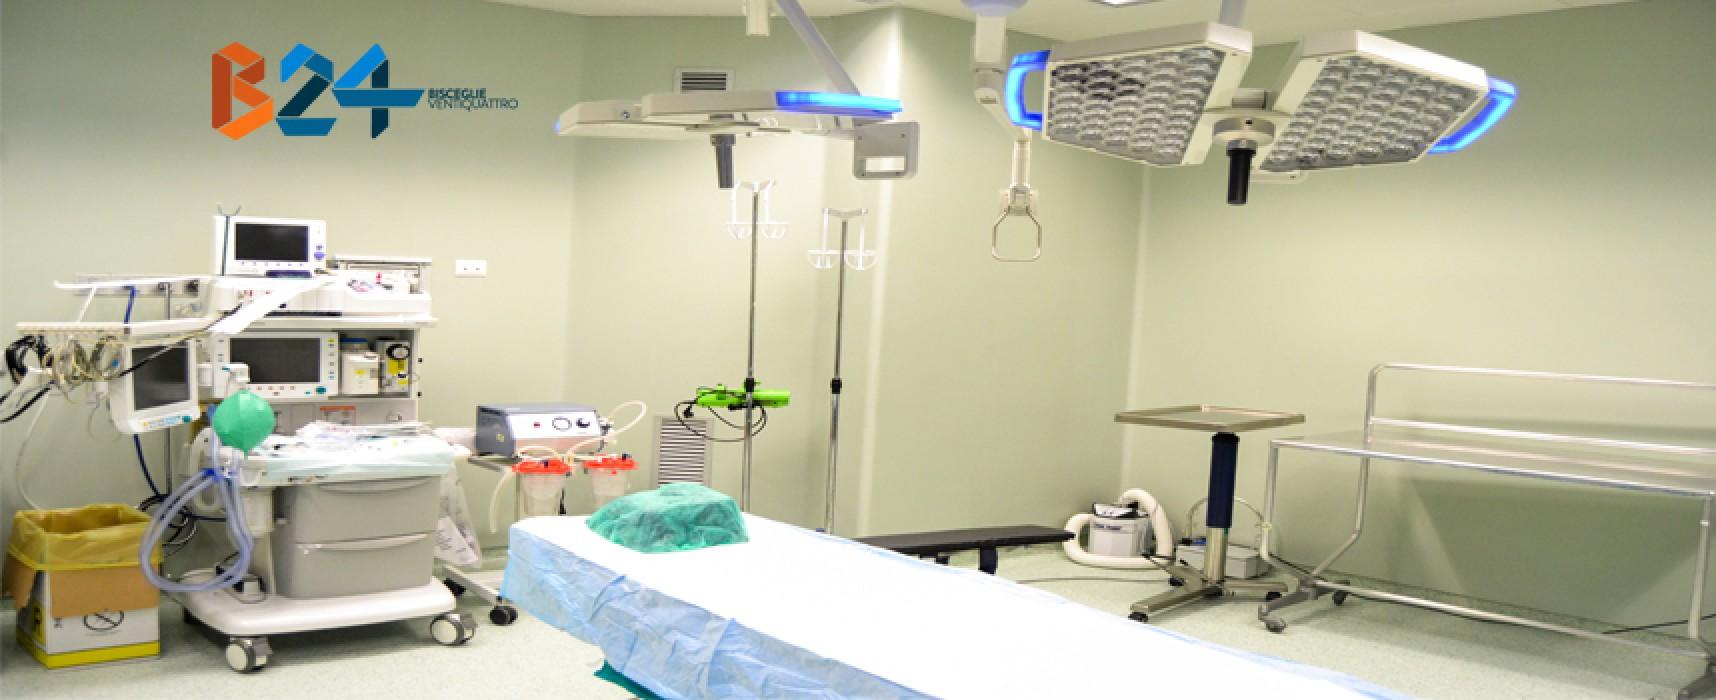 Presentate stamane le nuove sale operatorie dell'ospedale di Bisceglie / FOTO